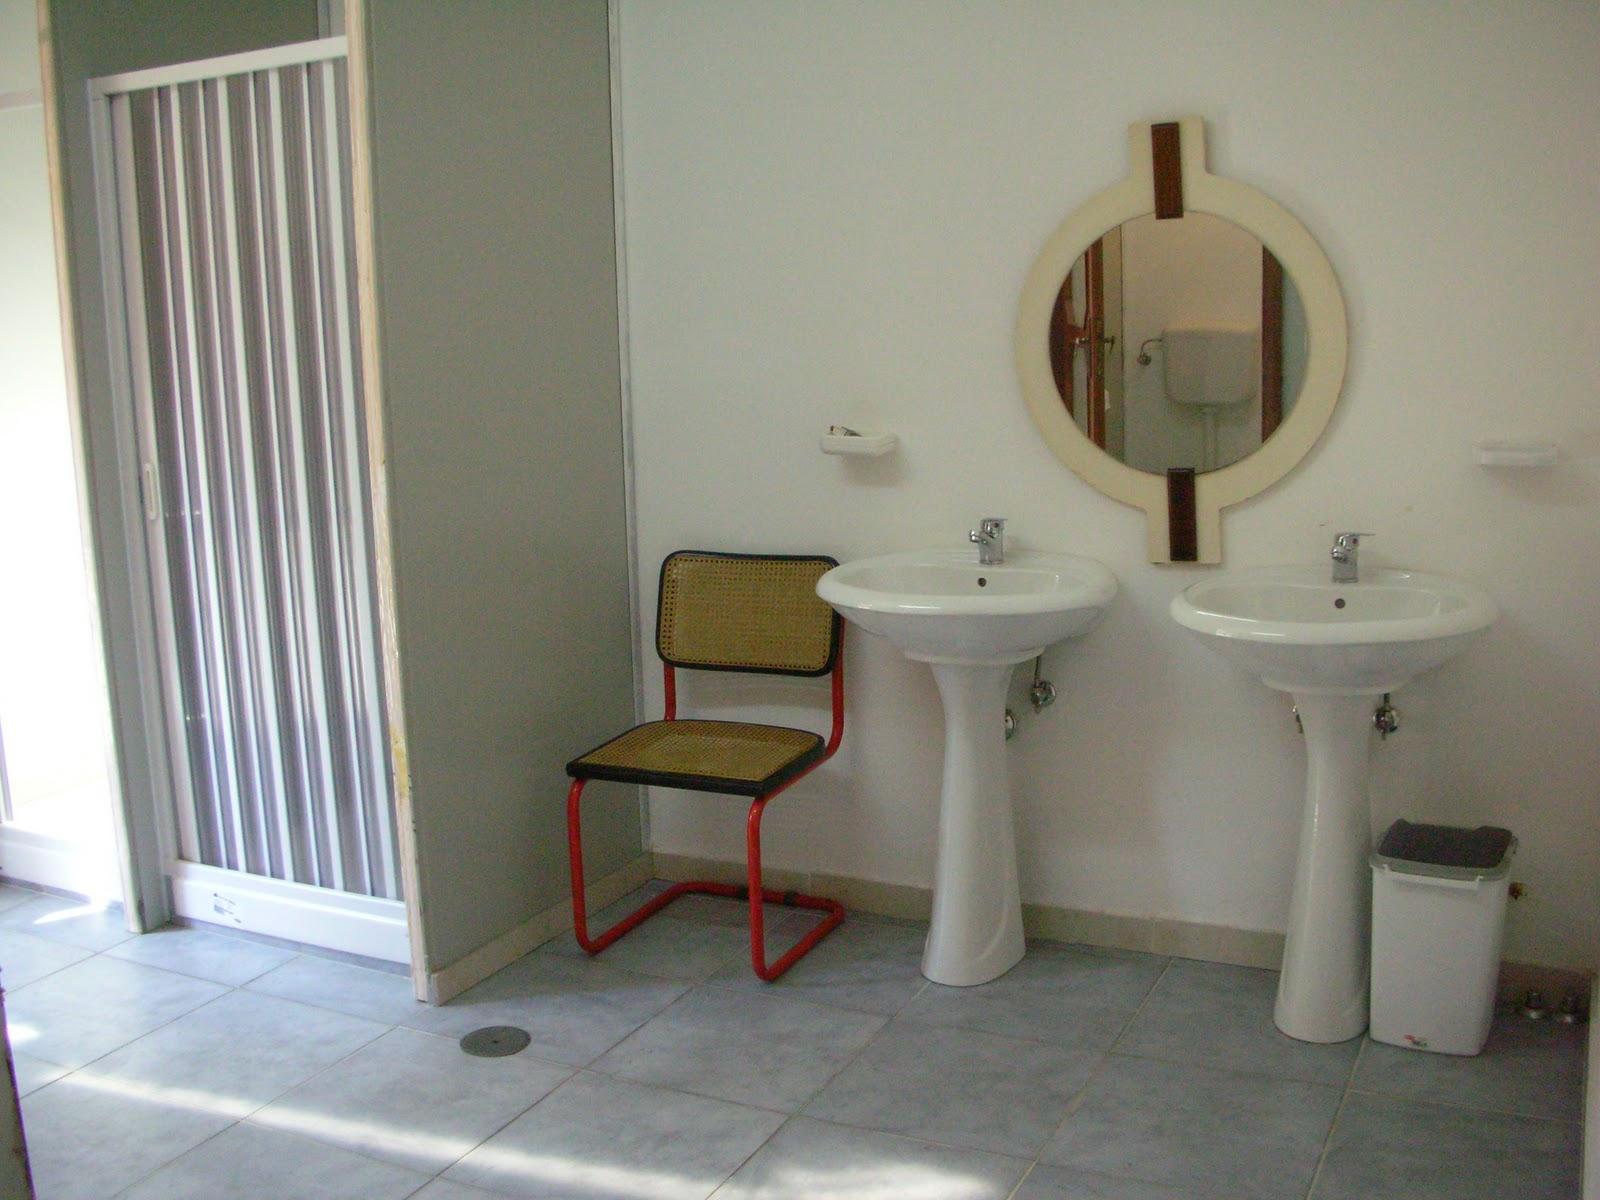 Bagni per disabili con doccia. cheap bagni disabili misure minime